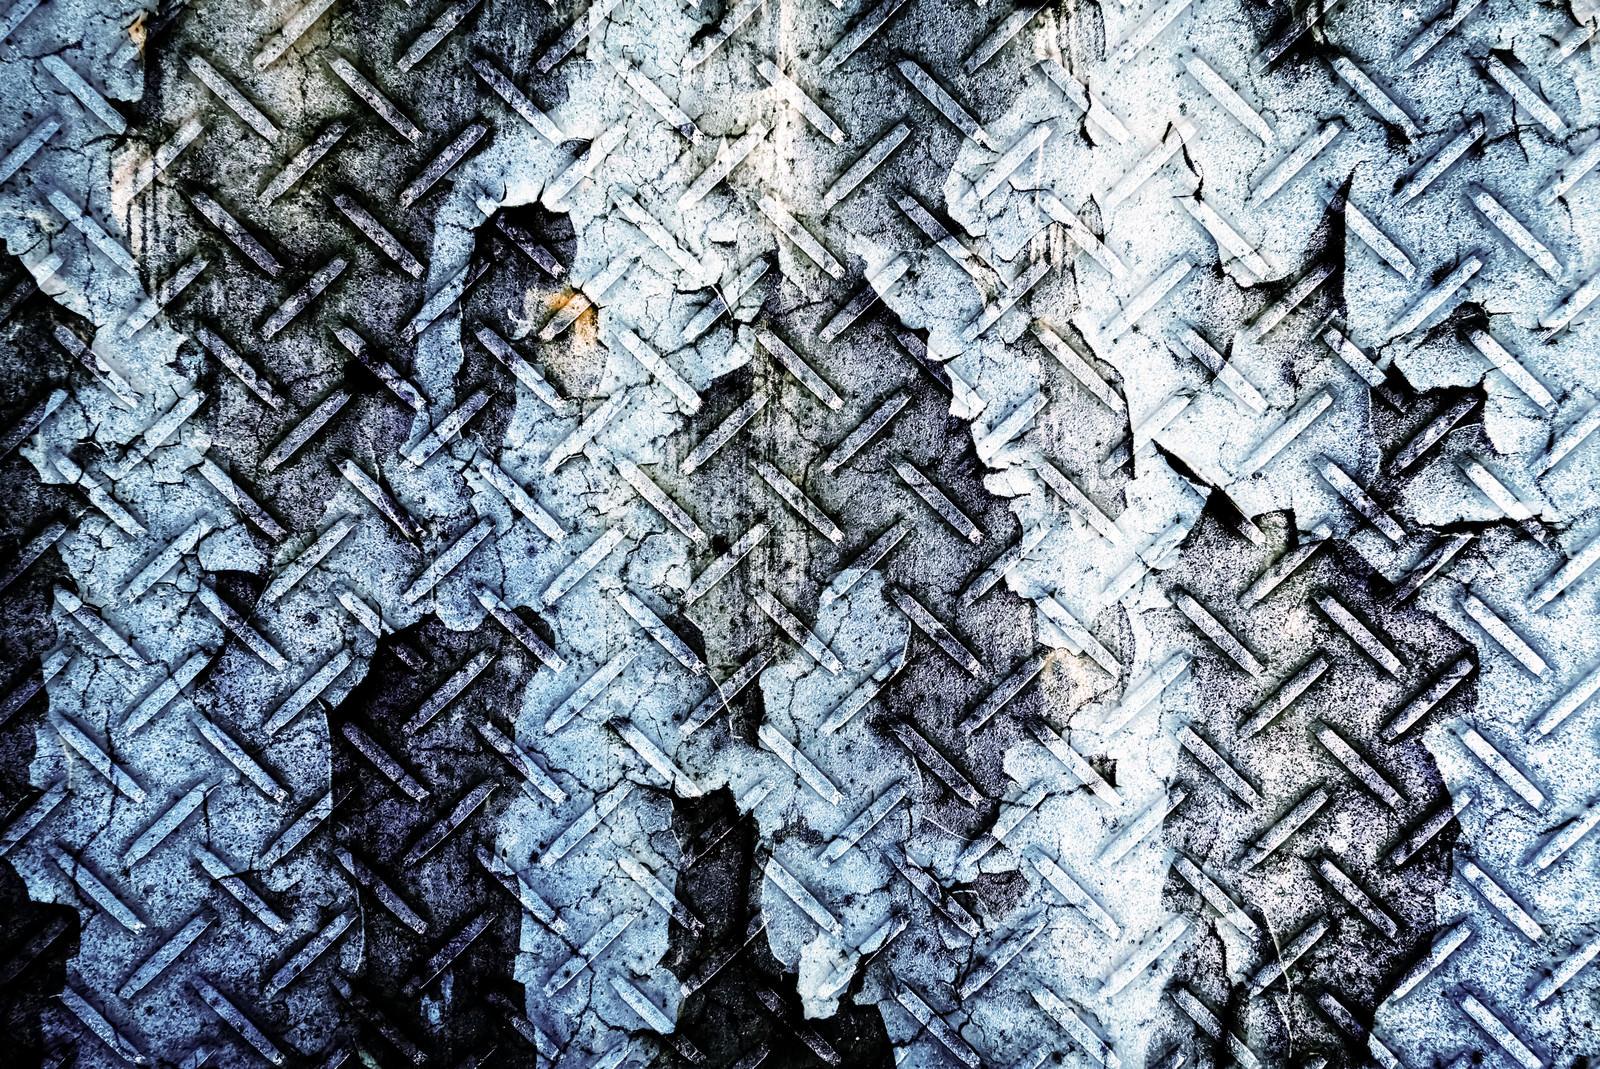 「剥がれた塗装と金属(フォトモンタージュ)」の写真